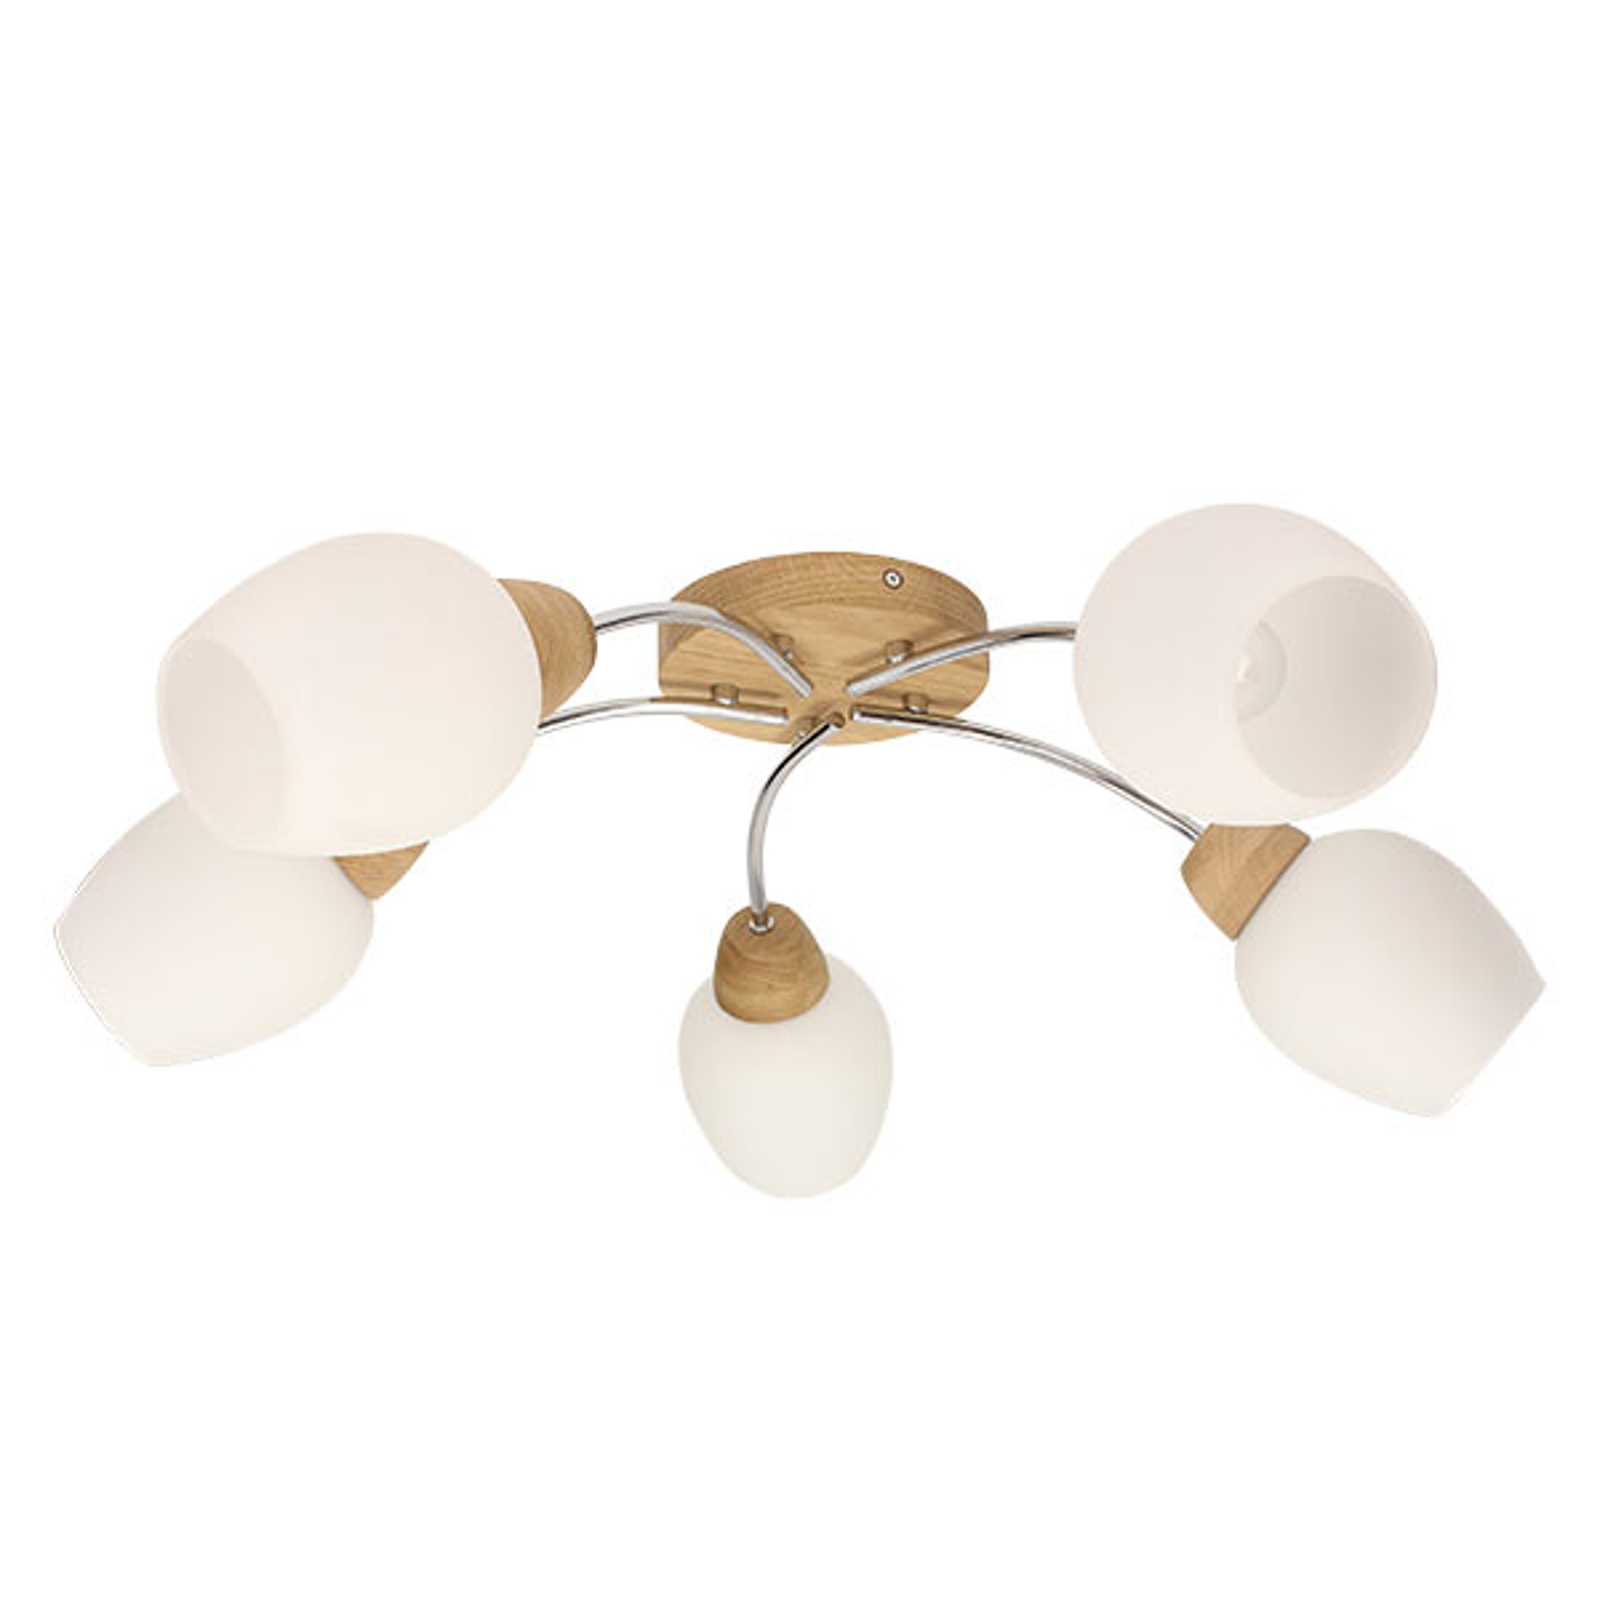 Lampa sufitowa Santa, 5 szklanych kloszy, drewno